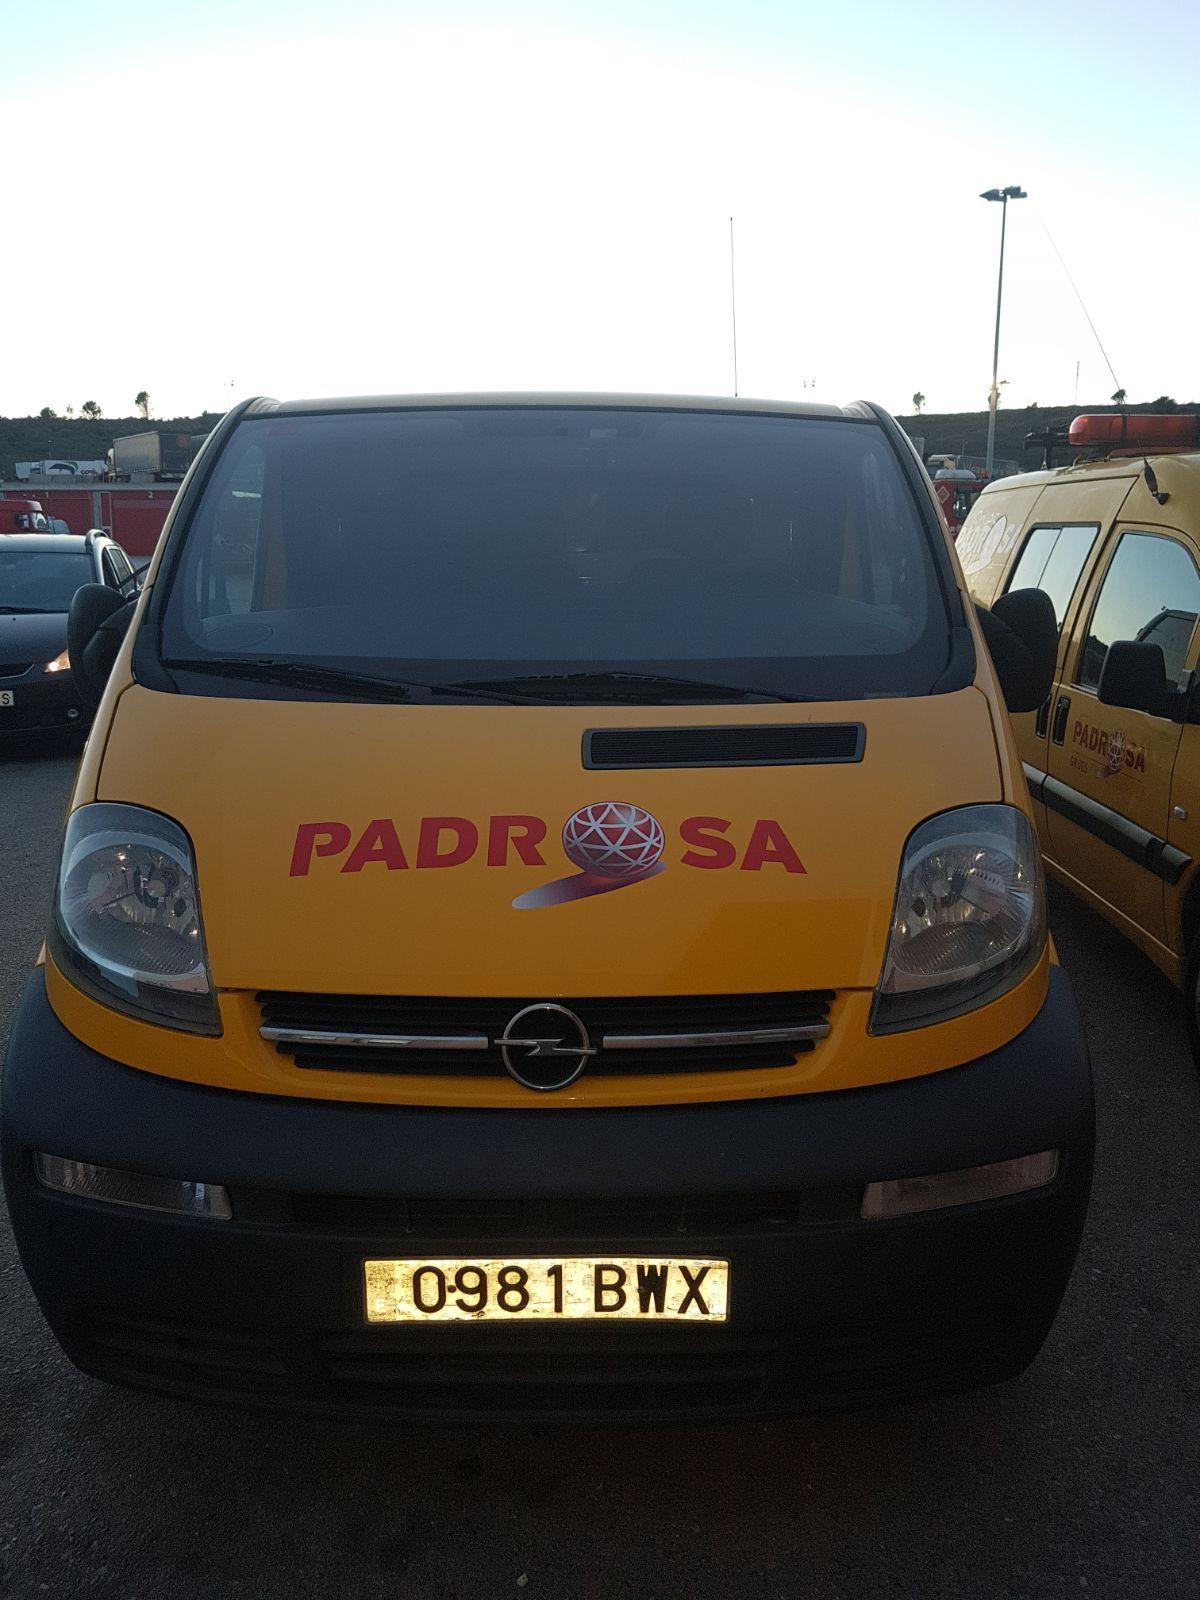 PADROSA2 - Retolació vehicles